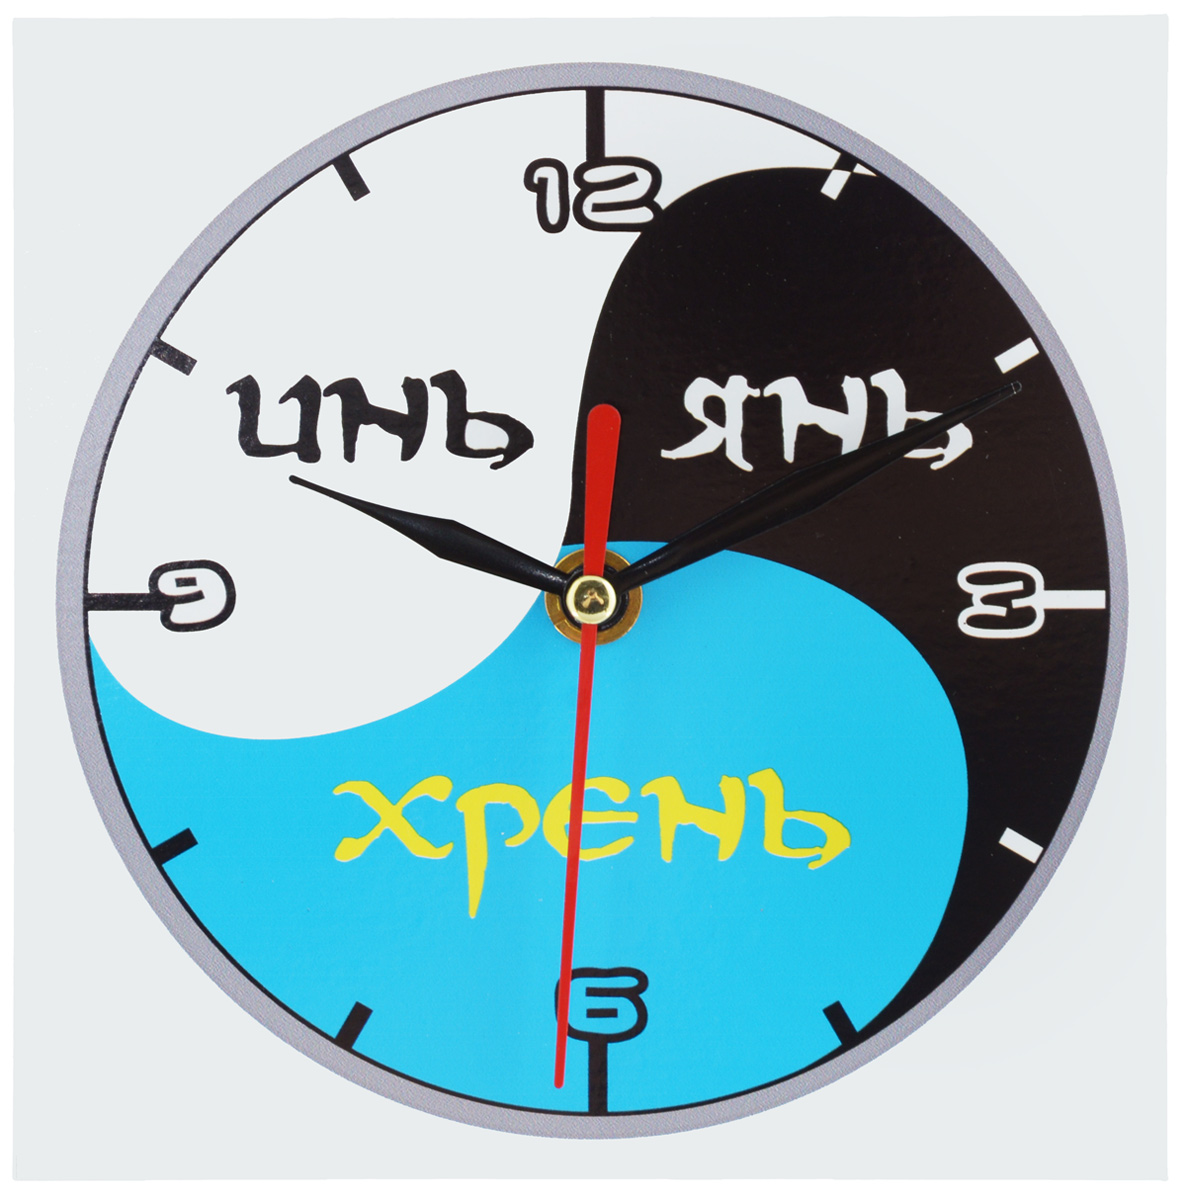 Часы настольные Эврика Инь Янь Хрень, 14 х 14 см54 009312Часы настольные Эврика Инь Янь Хрень изготовлены из МДФ с ламинированием и пластика. Изделие имеет оригинальный циферблат с надписями: Инь Янь Хрень. Механизм хода часов бесшумный и плавный. Сзади расположен специальный упор, благодаря которому часы можно поставить на стол. Часы также можно повесить на стену с помощью специального металлического отверстия. Такие яркие необычные часы станут украшением вашего рабочего стола и подчеркнут ваш стиль. Отличный подарок друзьям и близким, который обязательно вызовет улыбку и радость. Часы работают от одной батарейки напряжением 1,5V типа AA (в комплект не входит).